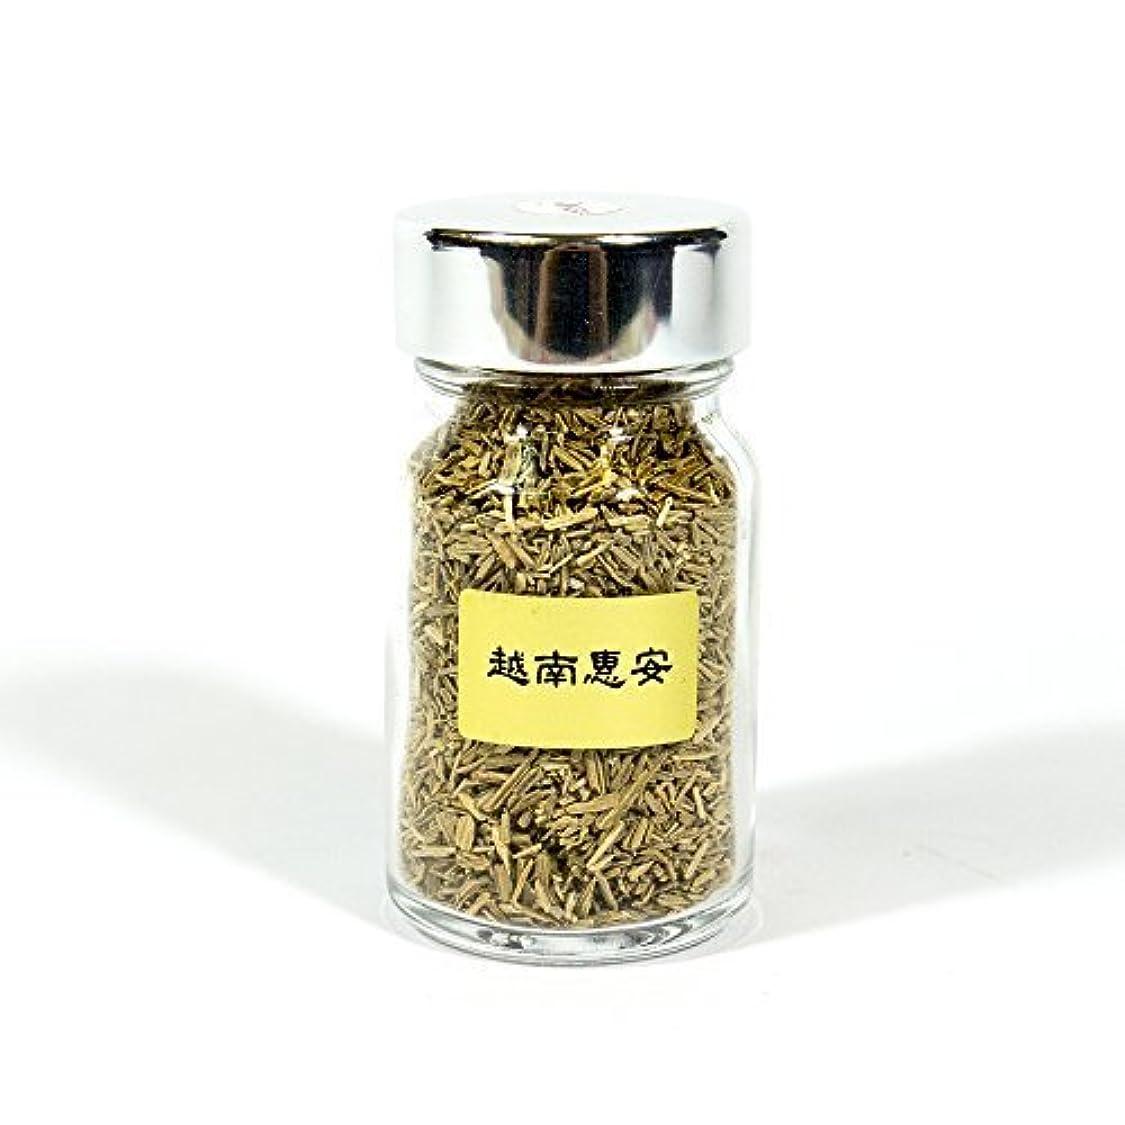 経験悲観的に賛成Agarwood Aloeswood Oud Chip Scrap Vietnam Hoi-An 10g Cultivated Suitable for Electric Burner by IncenseHouse -...